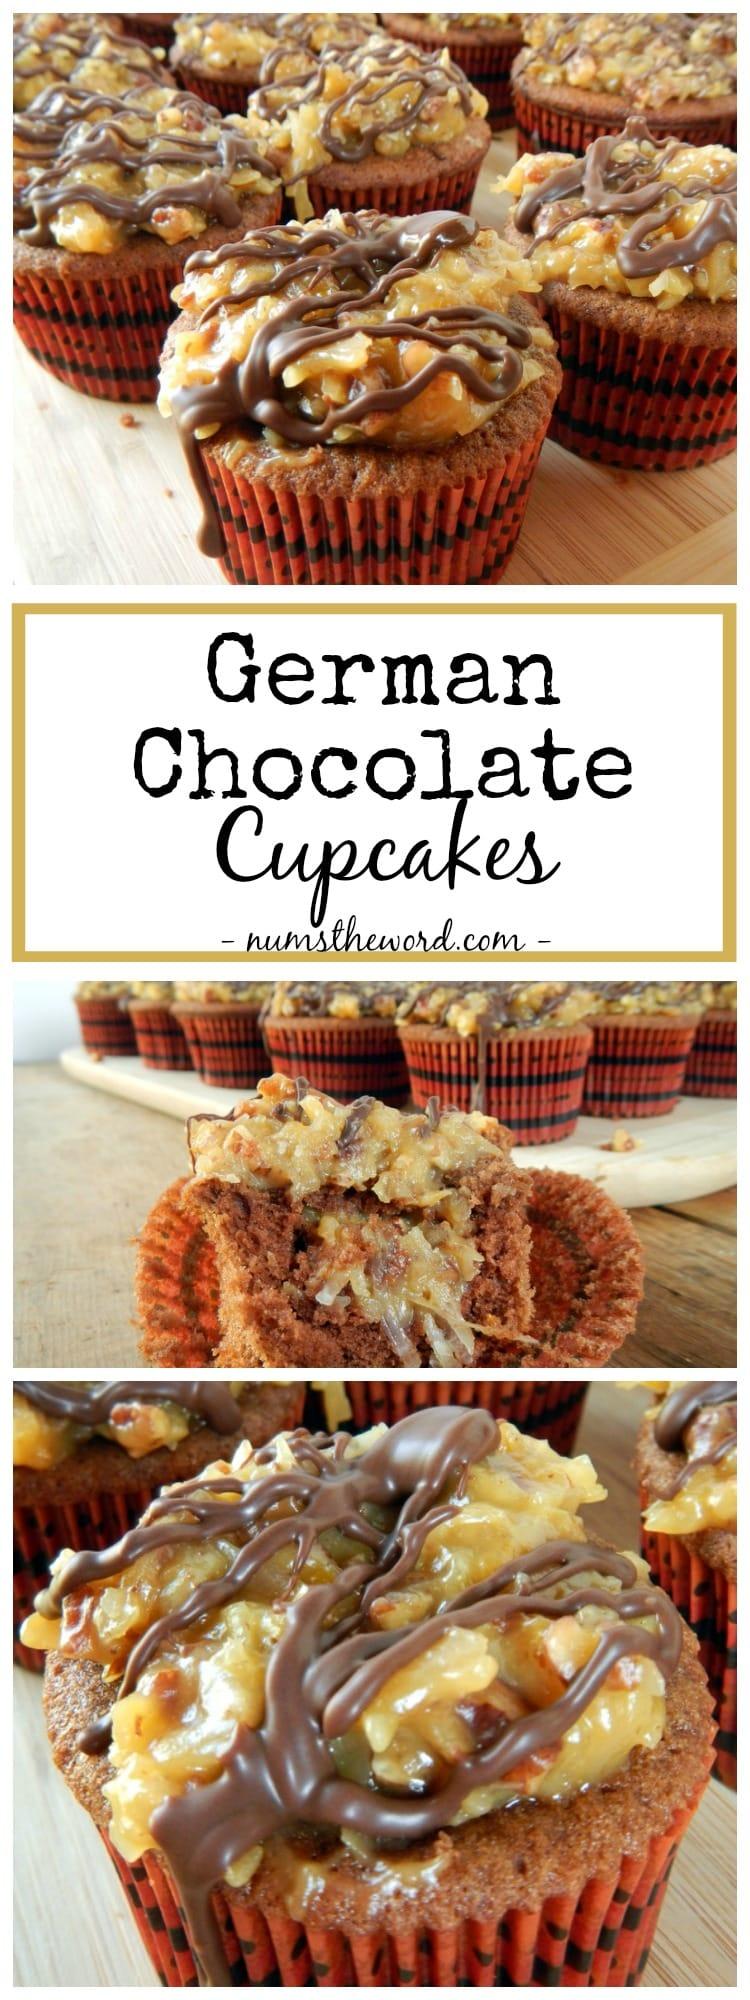 German Chocolate Cupcakes